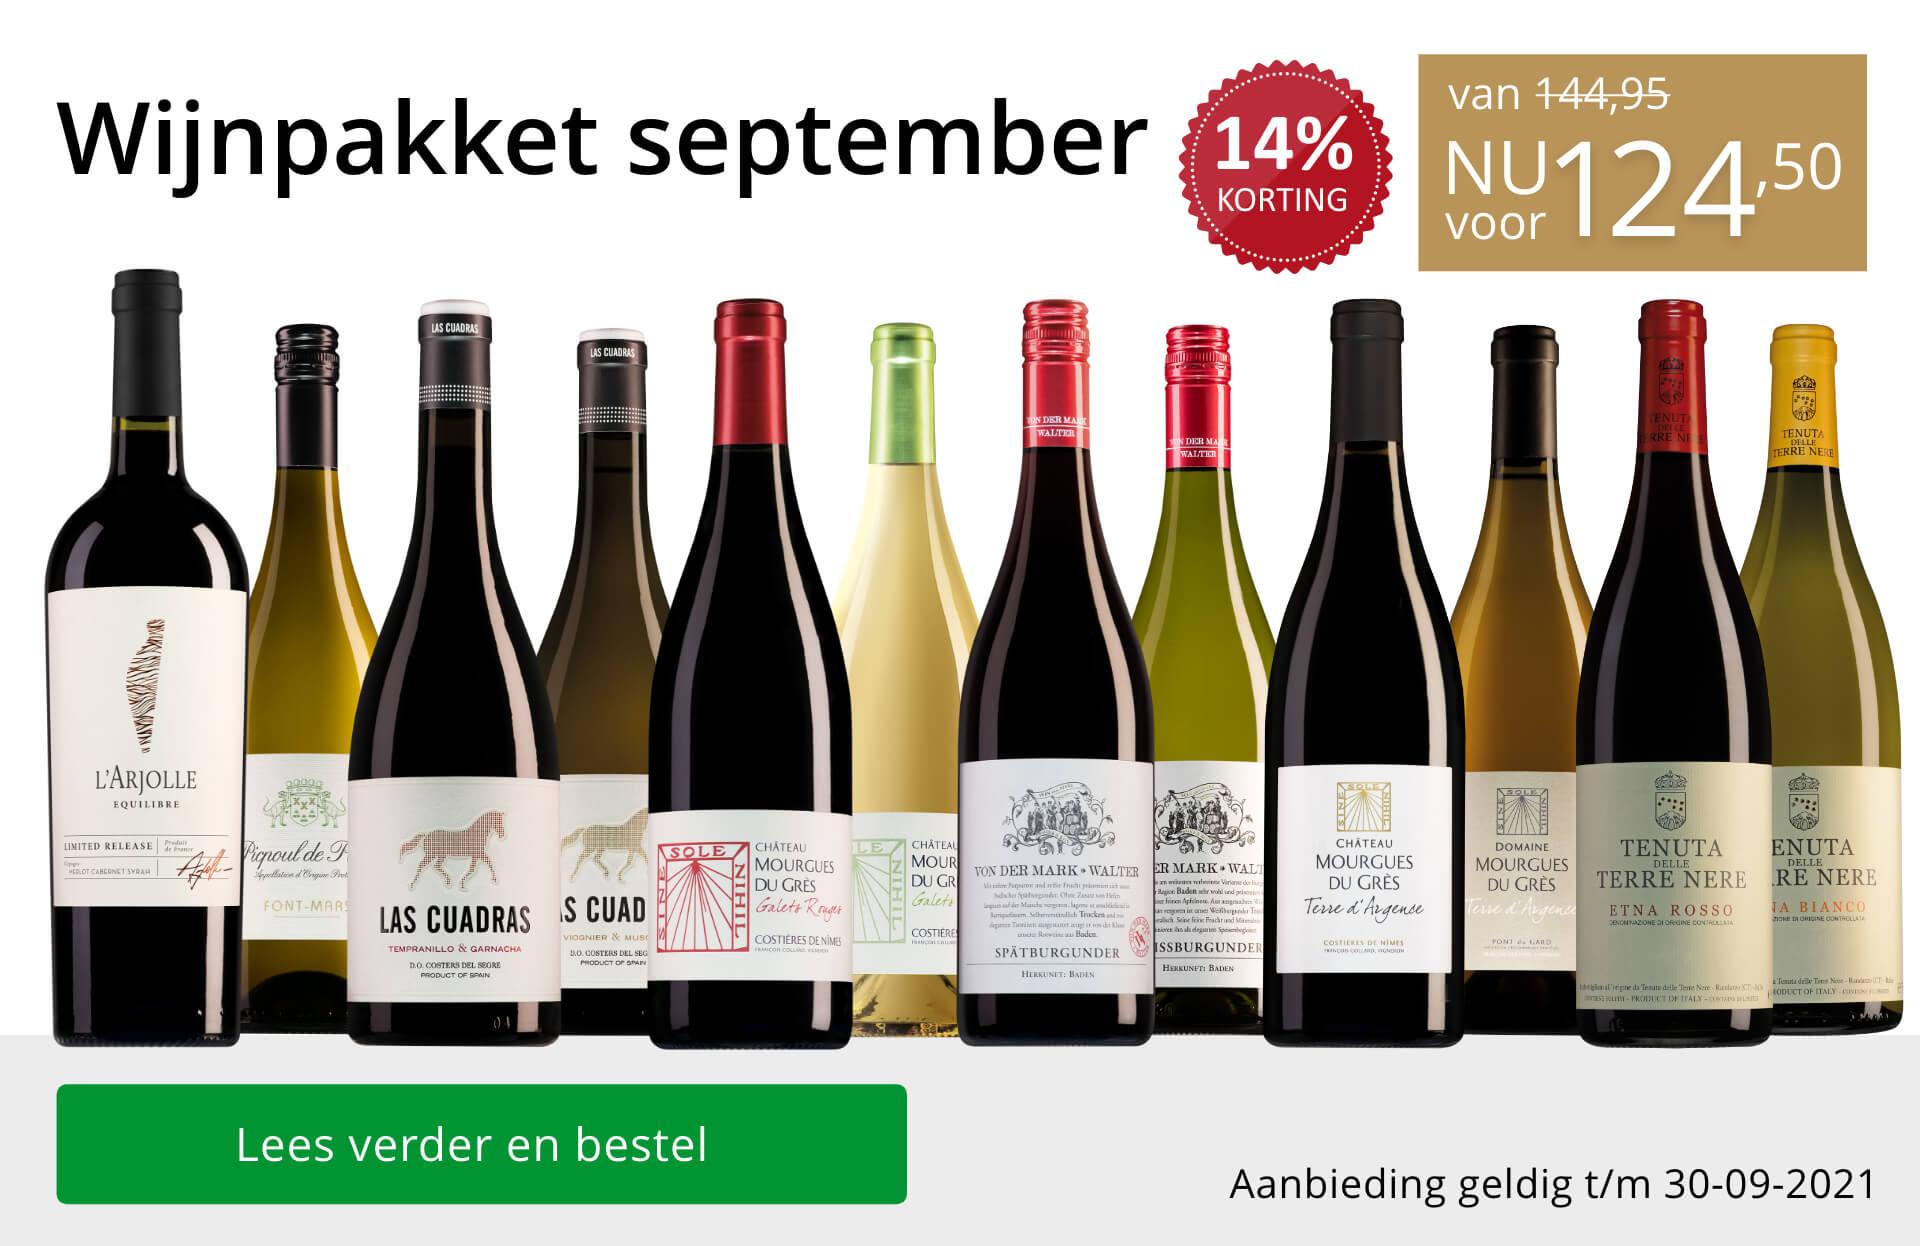 Wijnpakket wijnbericht september 2021 - goud/zwart